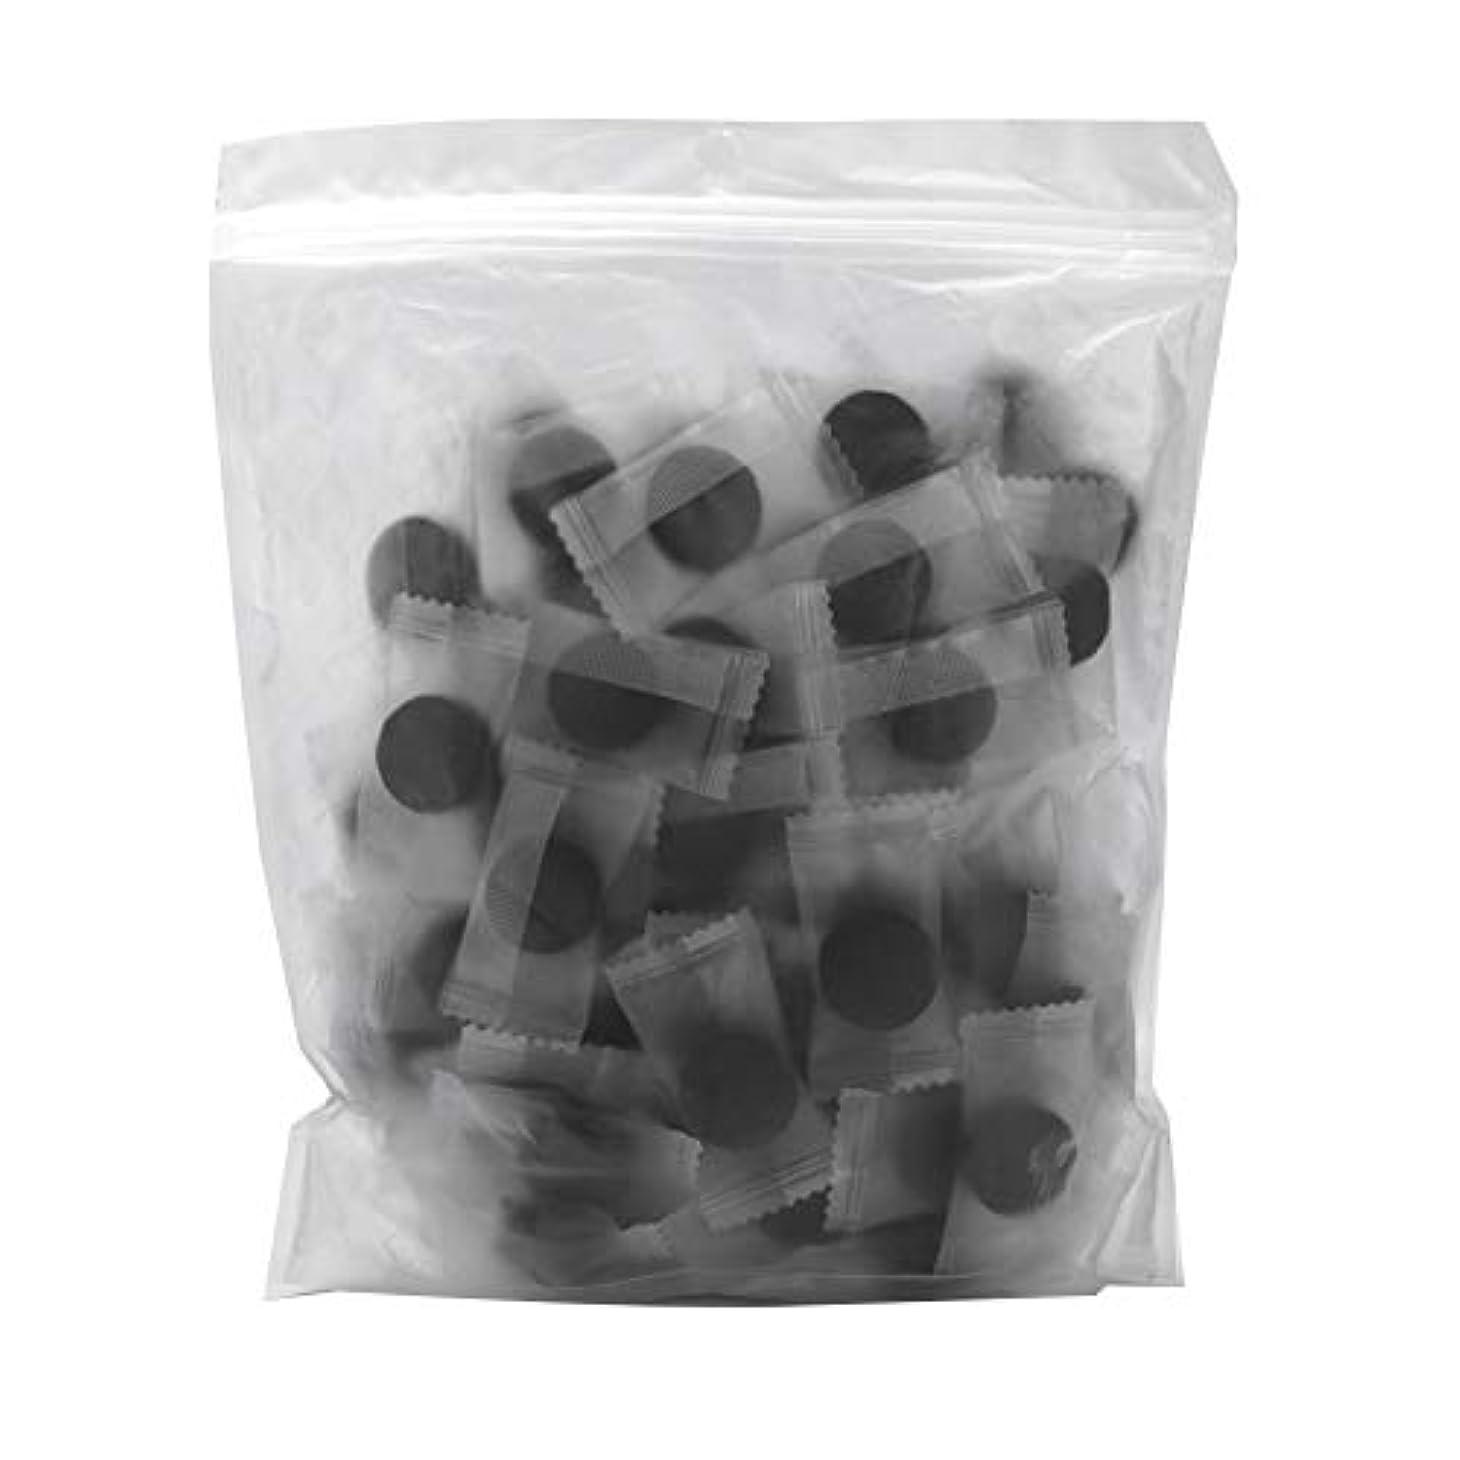 カーテンキルト狂人竹炭繊維 100ピース 圧縮フェースマスク 紙DIY スキンケア diy フェイシャルマスク